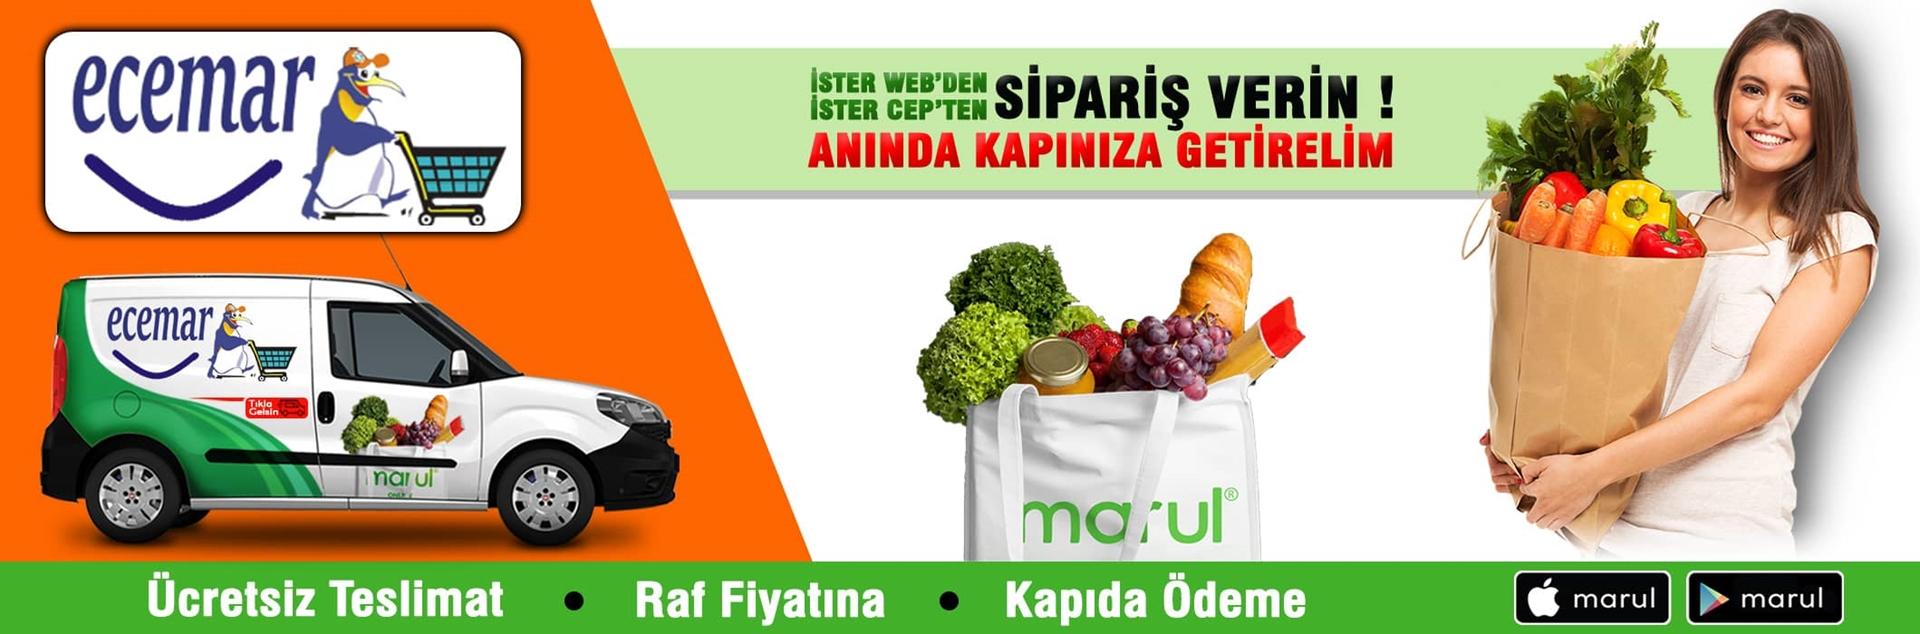 ecemar market online sipariş fahrikorutürk